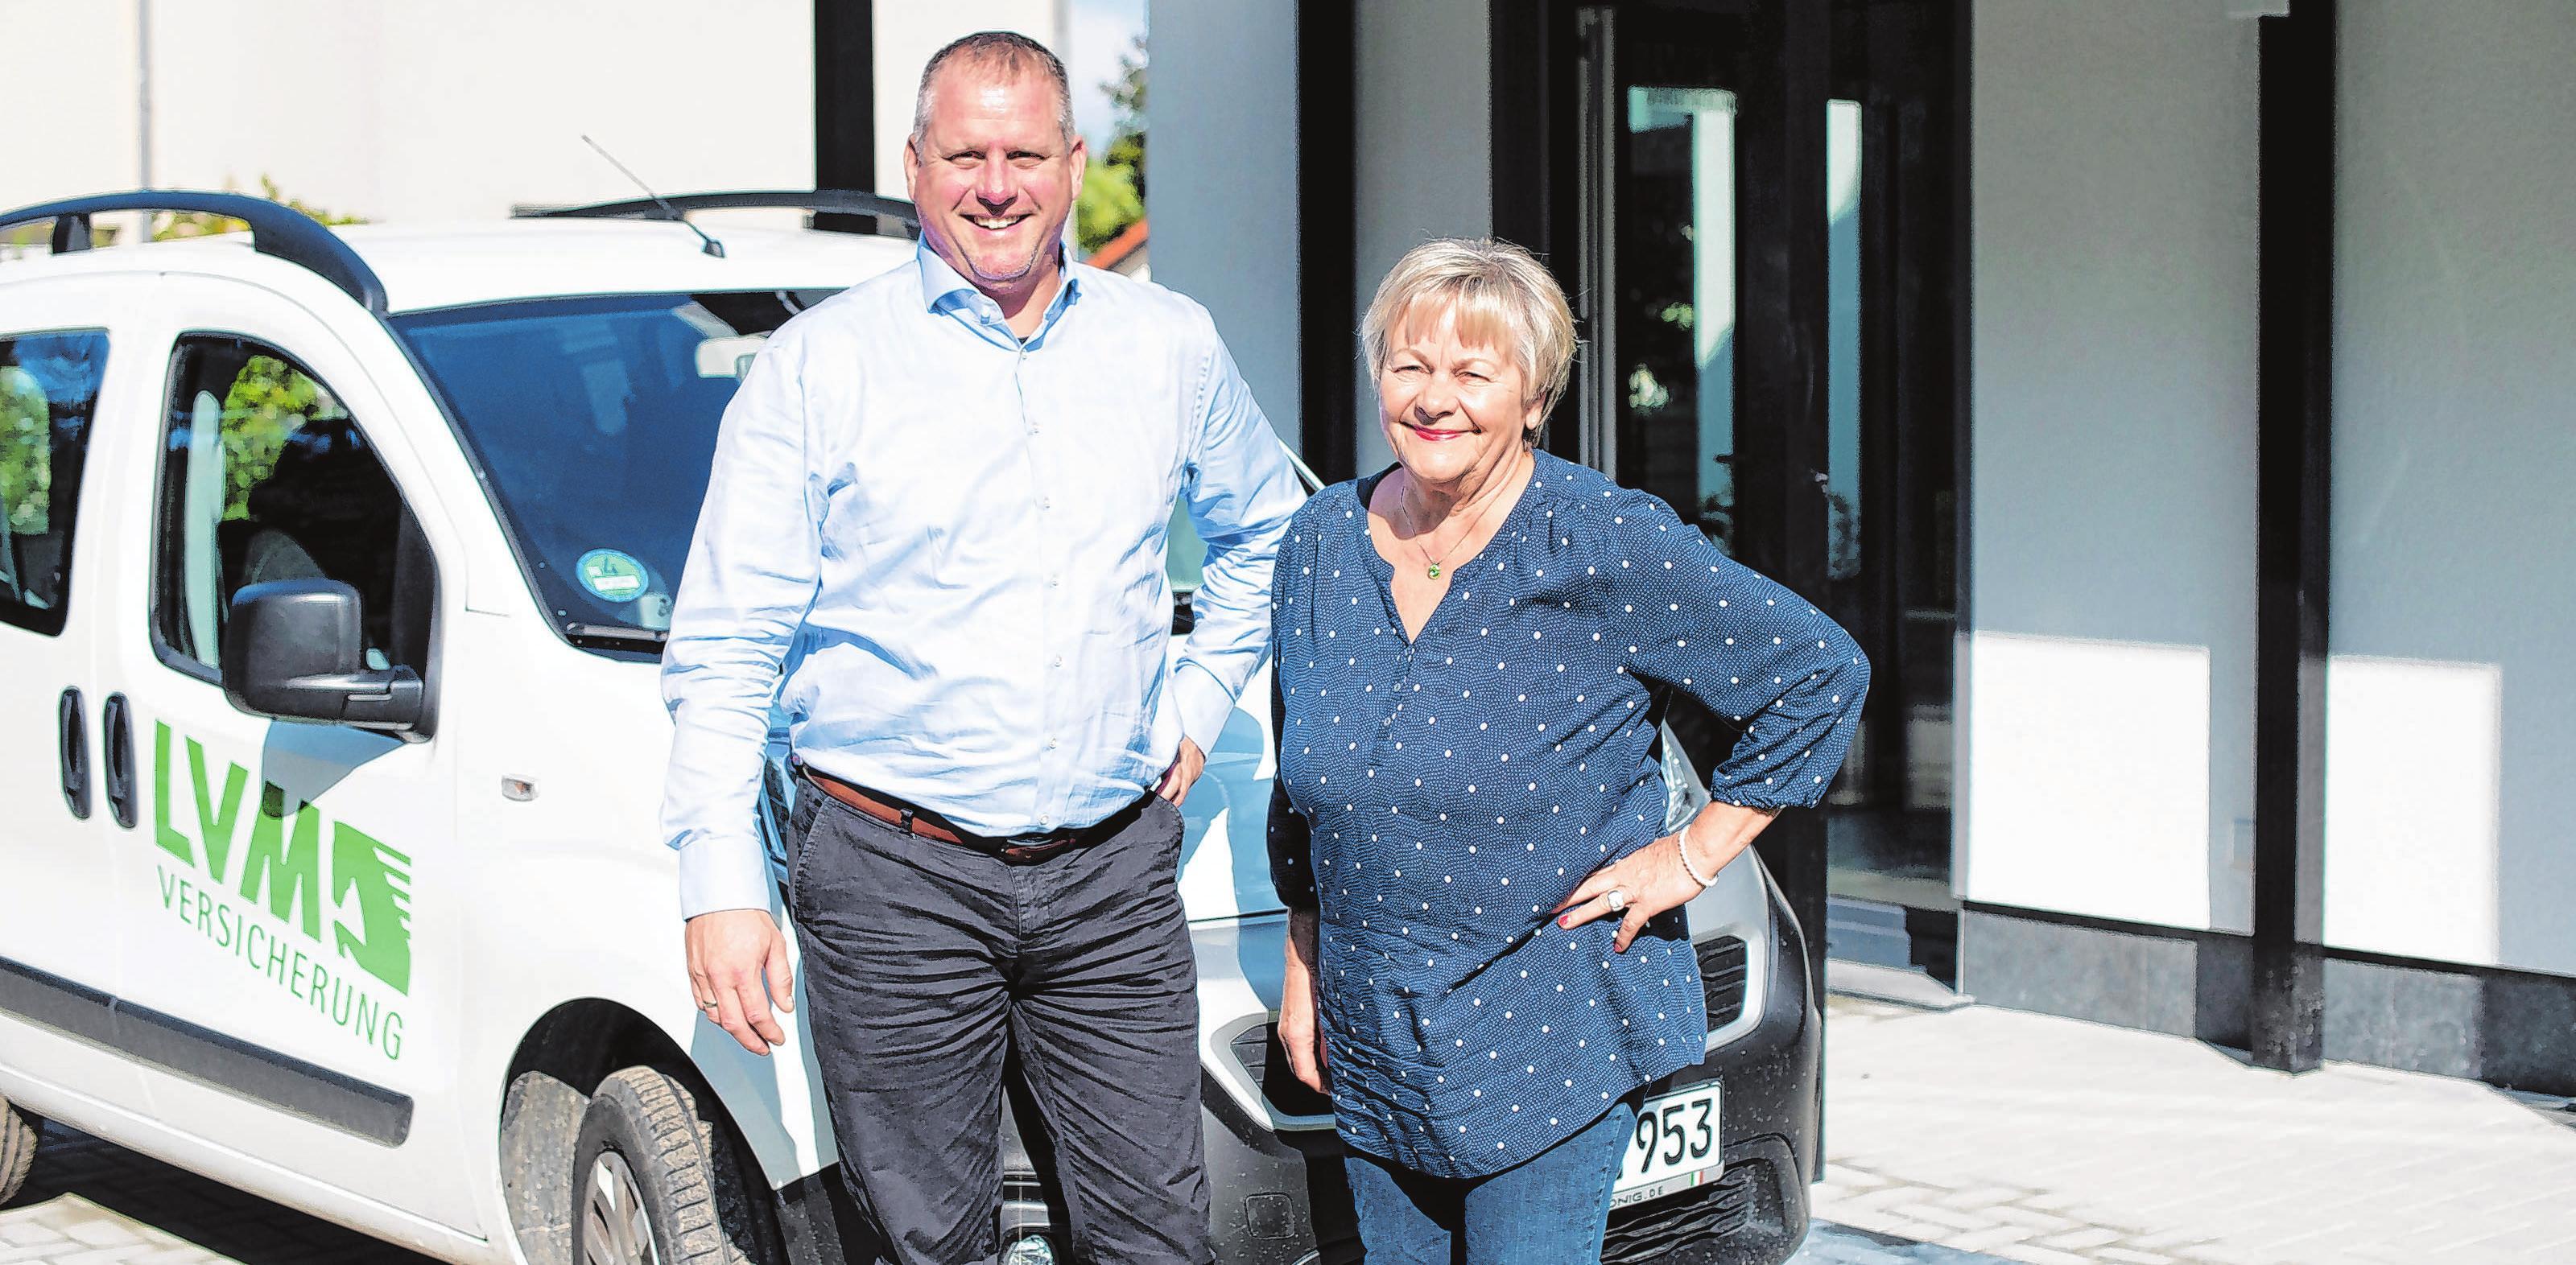 Seit Jahren ein gutes Team: Lars Lorenzen und Karin Lorenzen vor dem neuen Büro in der Fürstenwalder Lestikowstraße 67.